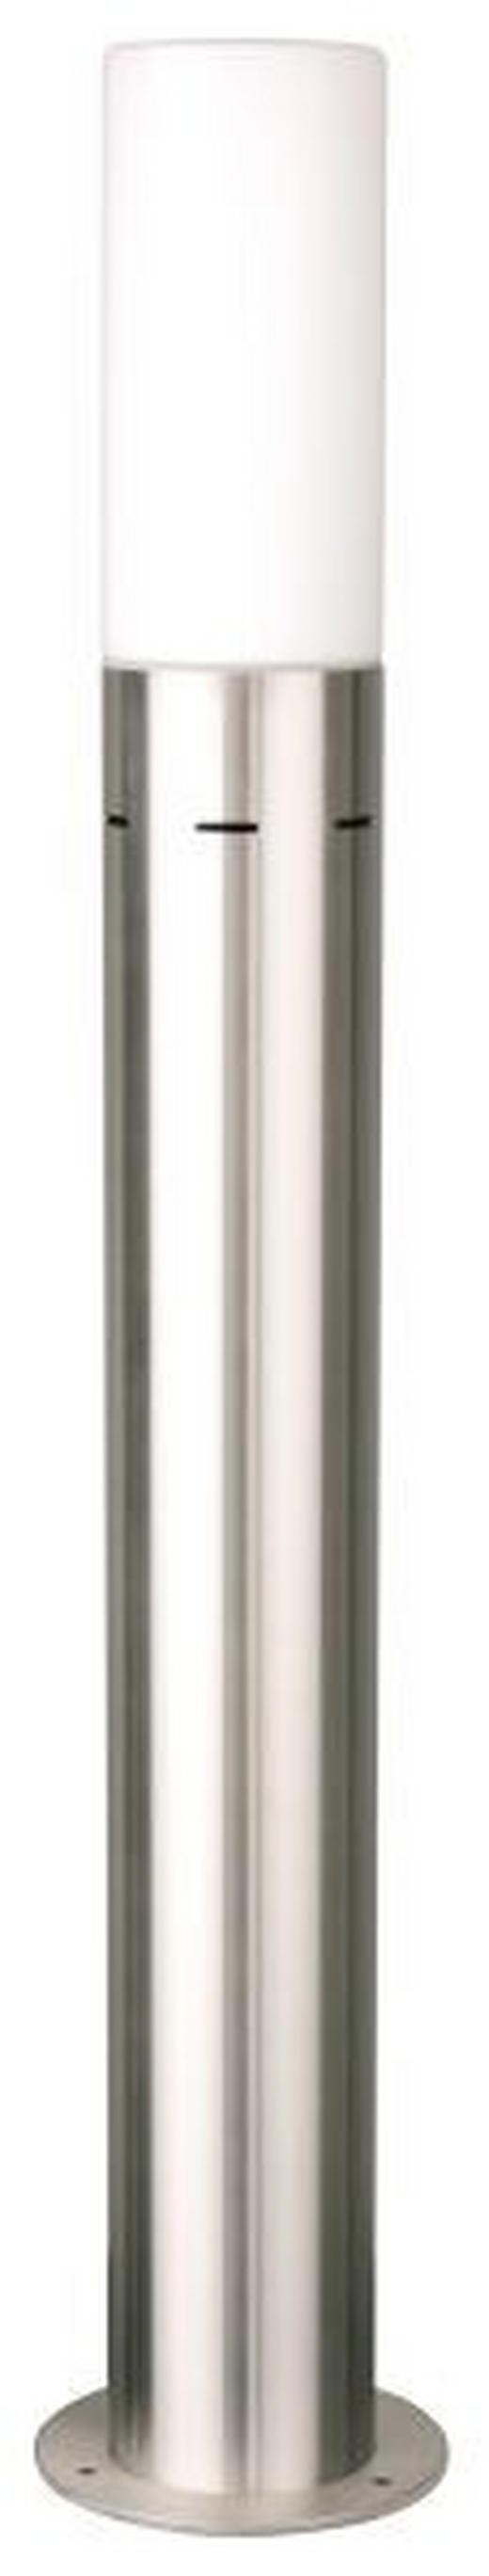 STEHLEUCHTE - Metall (95cm)